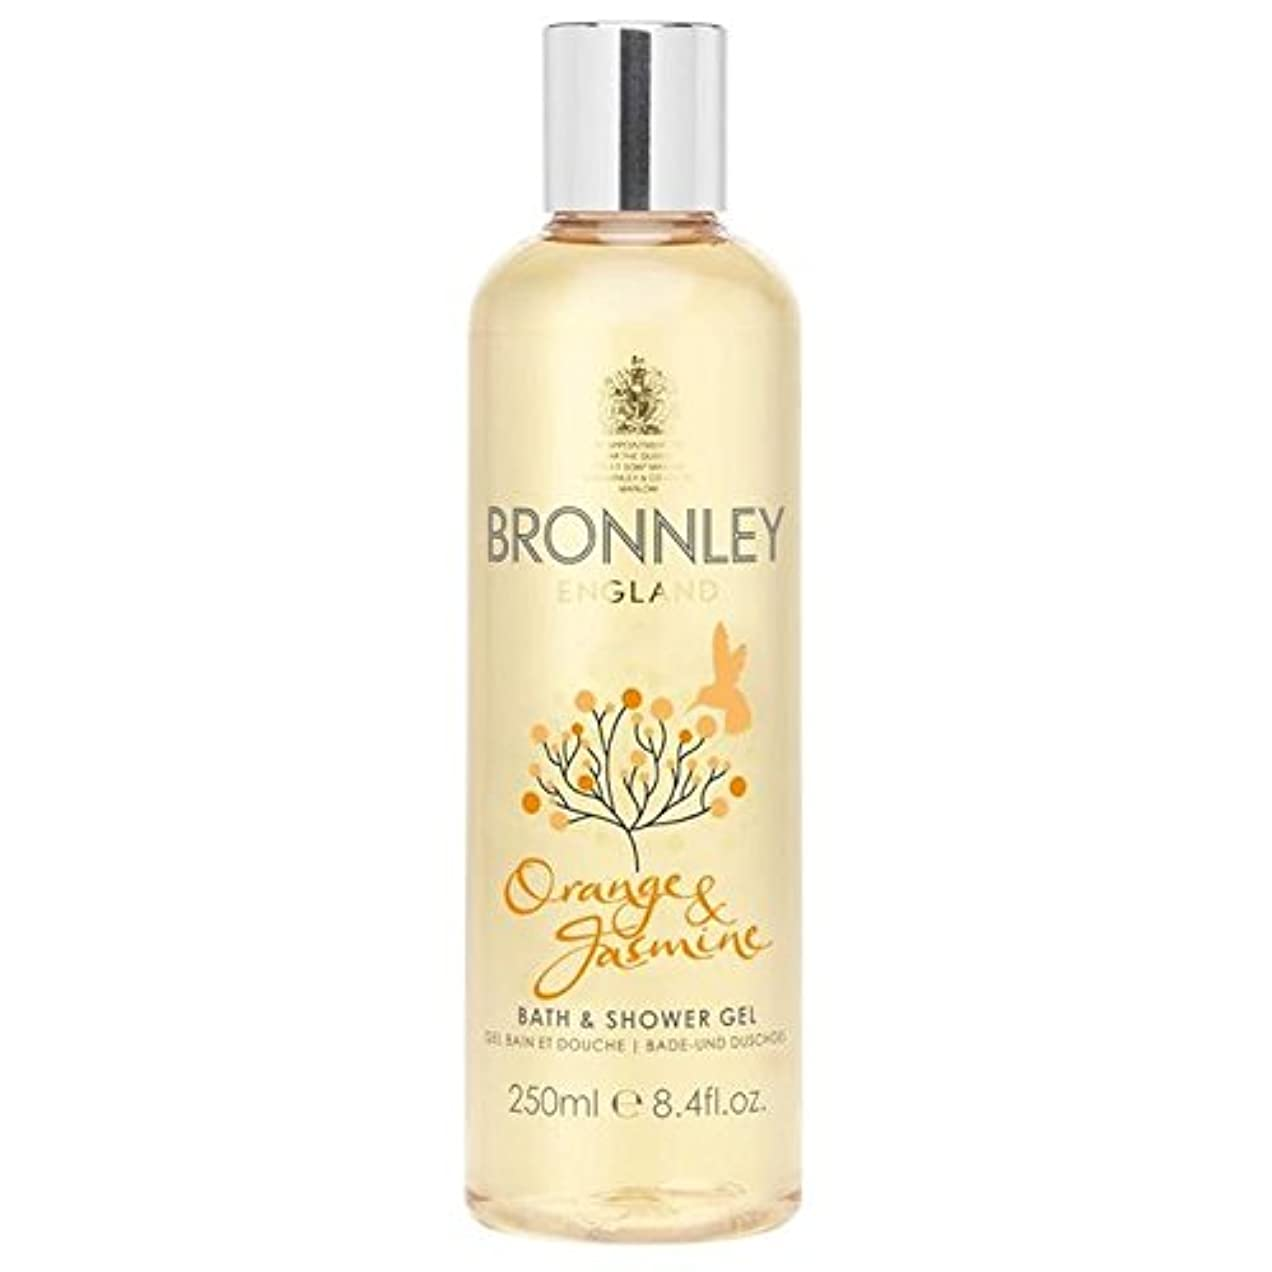 オレンジ&ジャスミンバス&シャワージェル250ミリリットル x4 - Bronnley Orange & Jasmine Bath & Shower Gel 250ml (Pack of 4) [並行輸入品]